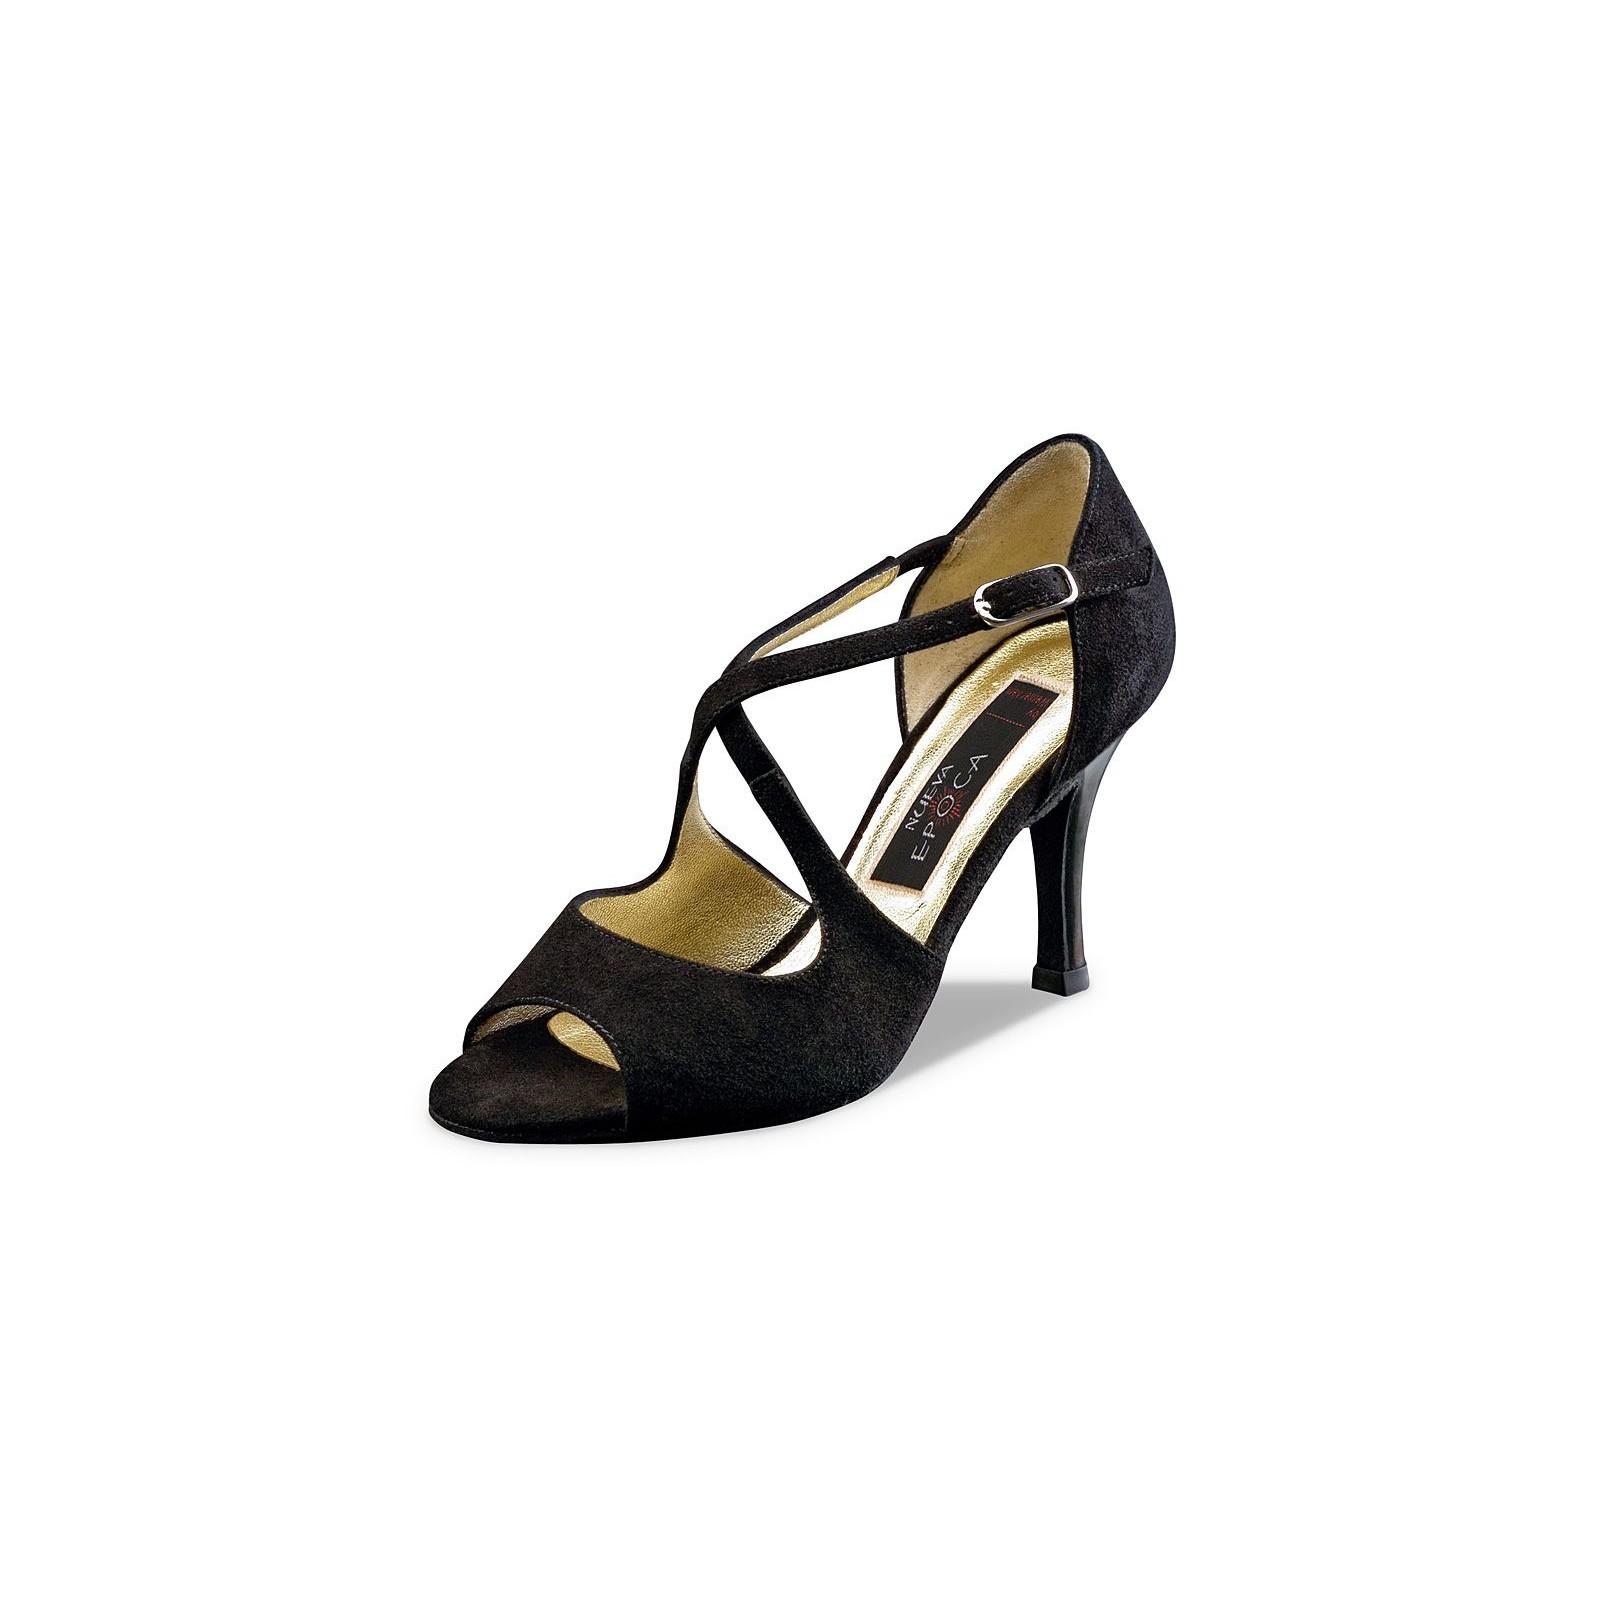 044ee69287d627 Spécialiste des chaussures de danse de salon et de danse latine ...